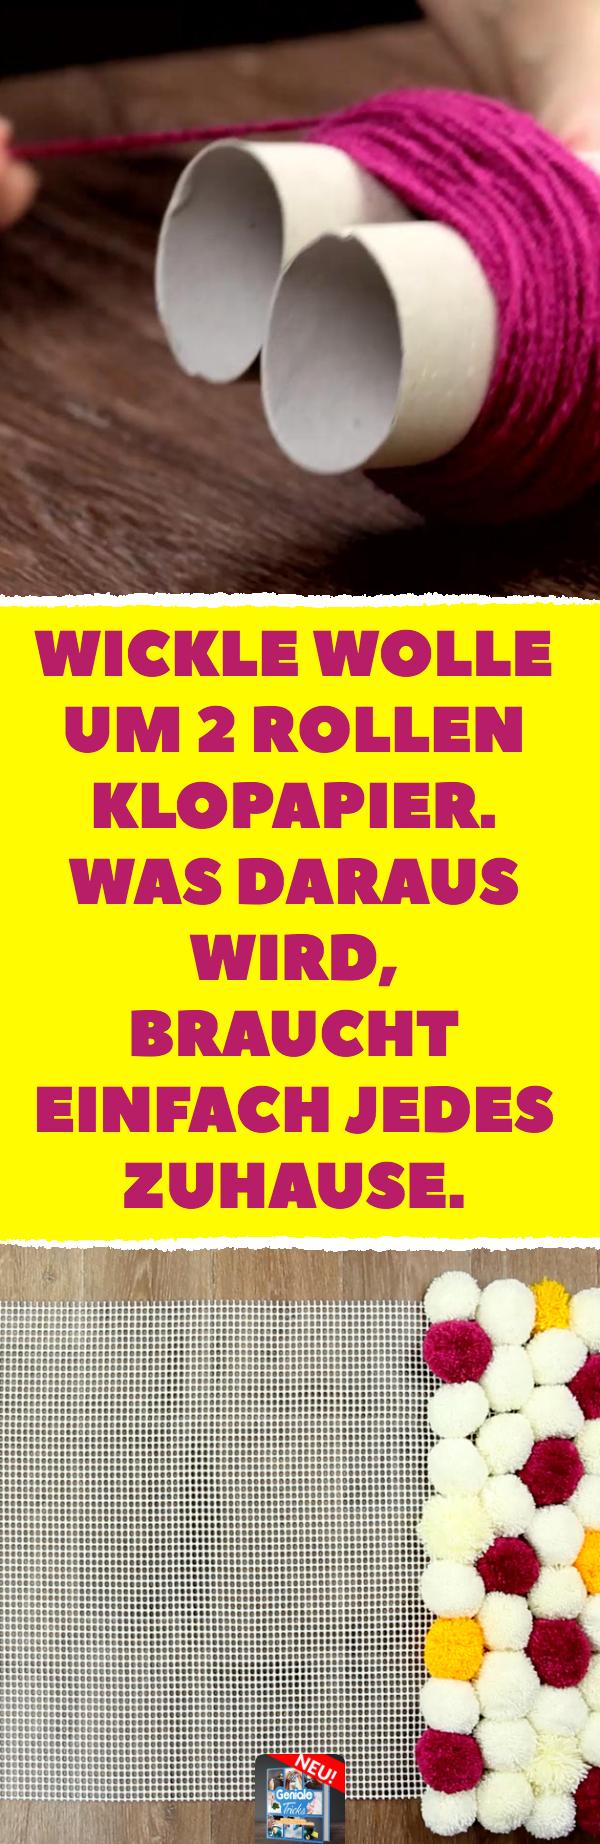 Photo of Wickle Wolle um 2 Rollen Klopapier. Was daraus wird, braucht einfach jedes Zuhause.